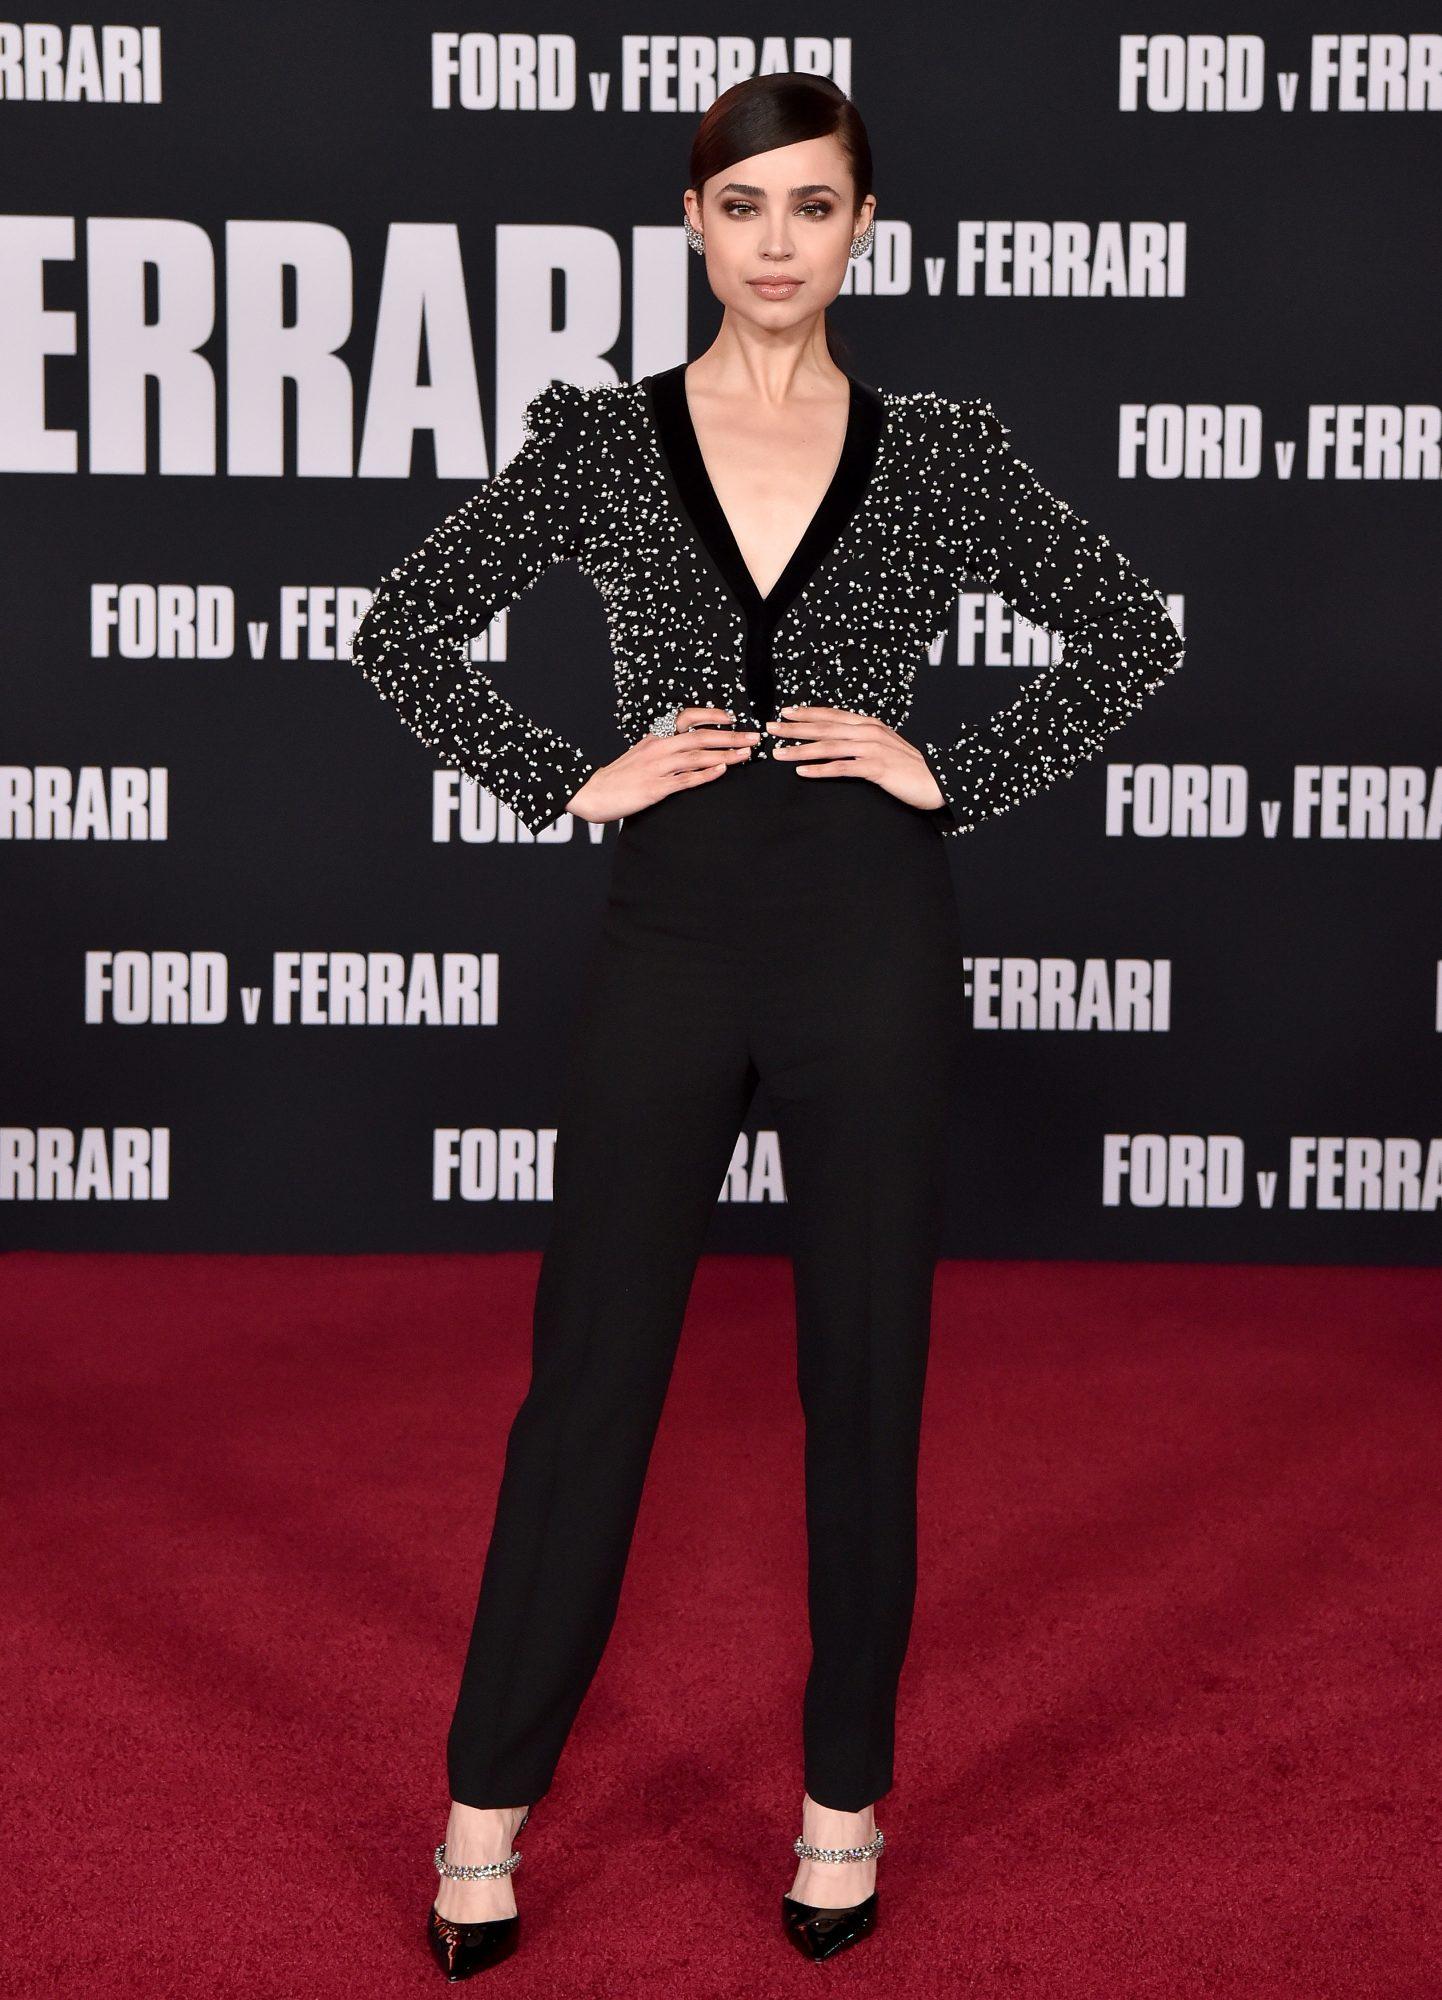 """Premiere Of FOX's """"Ford V Ferrari"""" - Arrivals"""